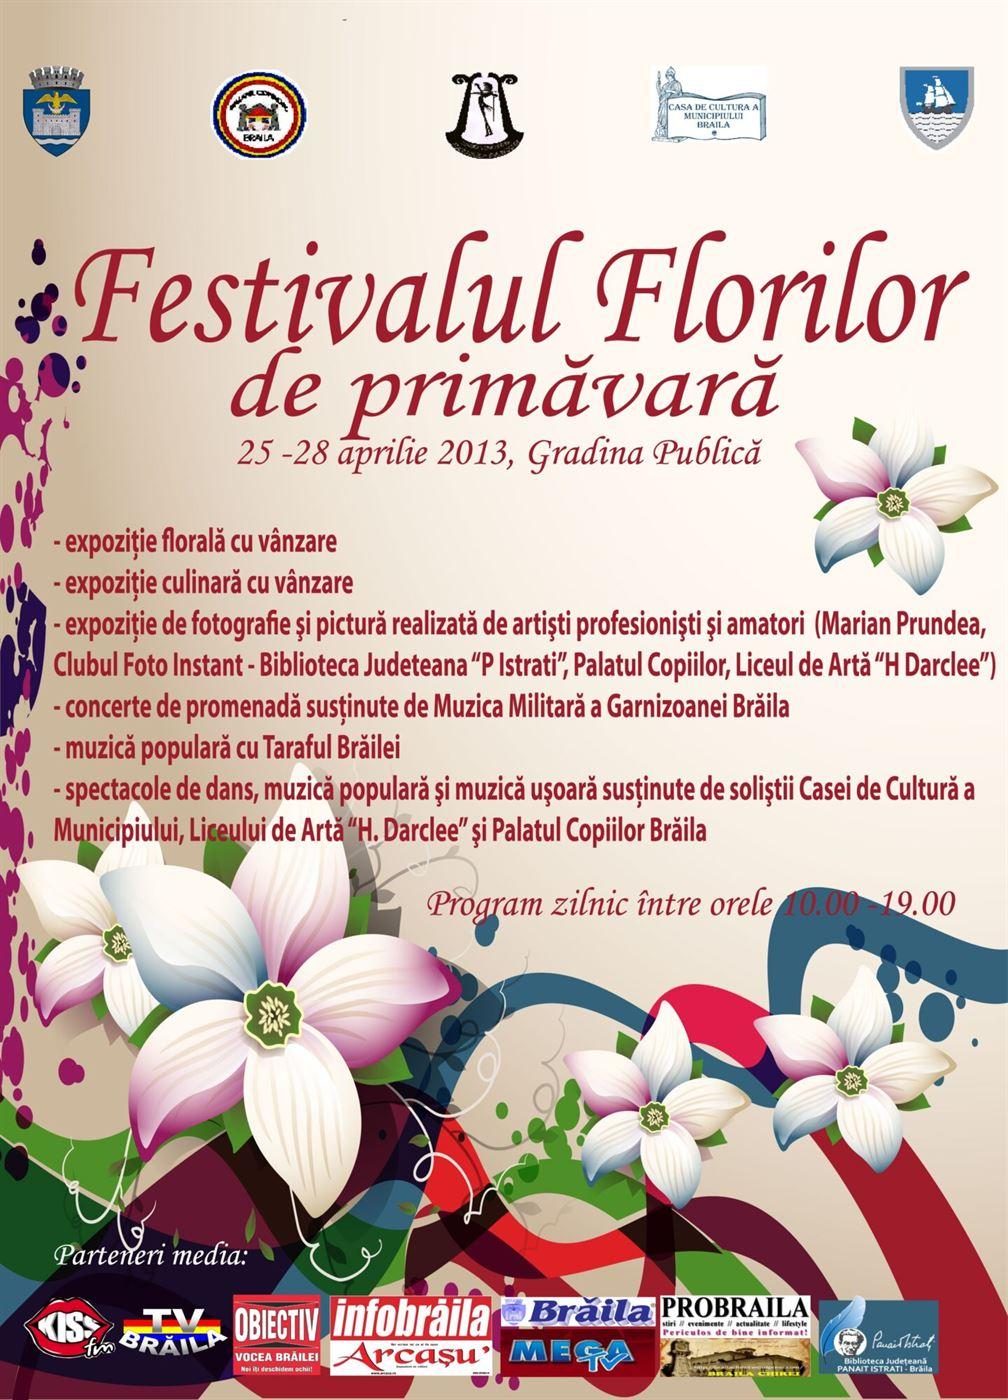 Veniti la Festivalul Florilor!